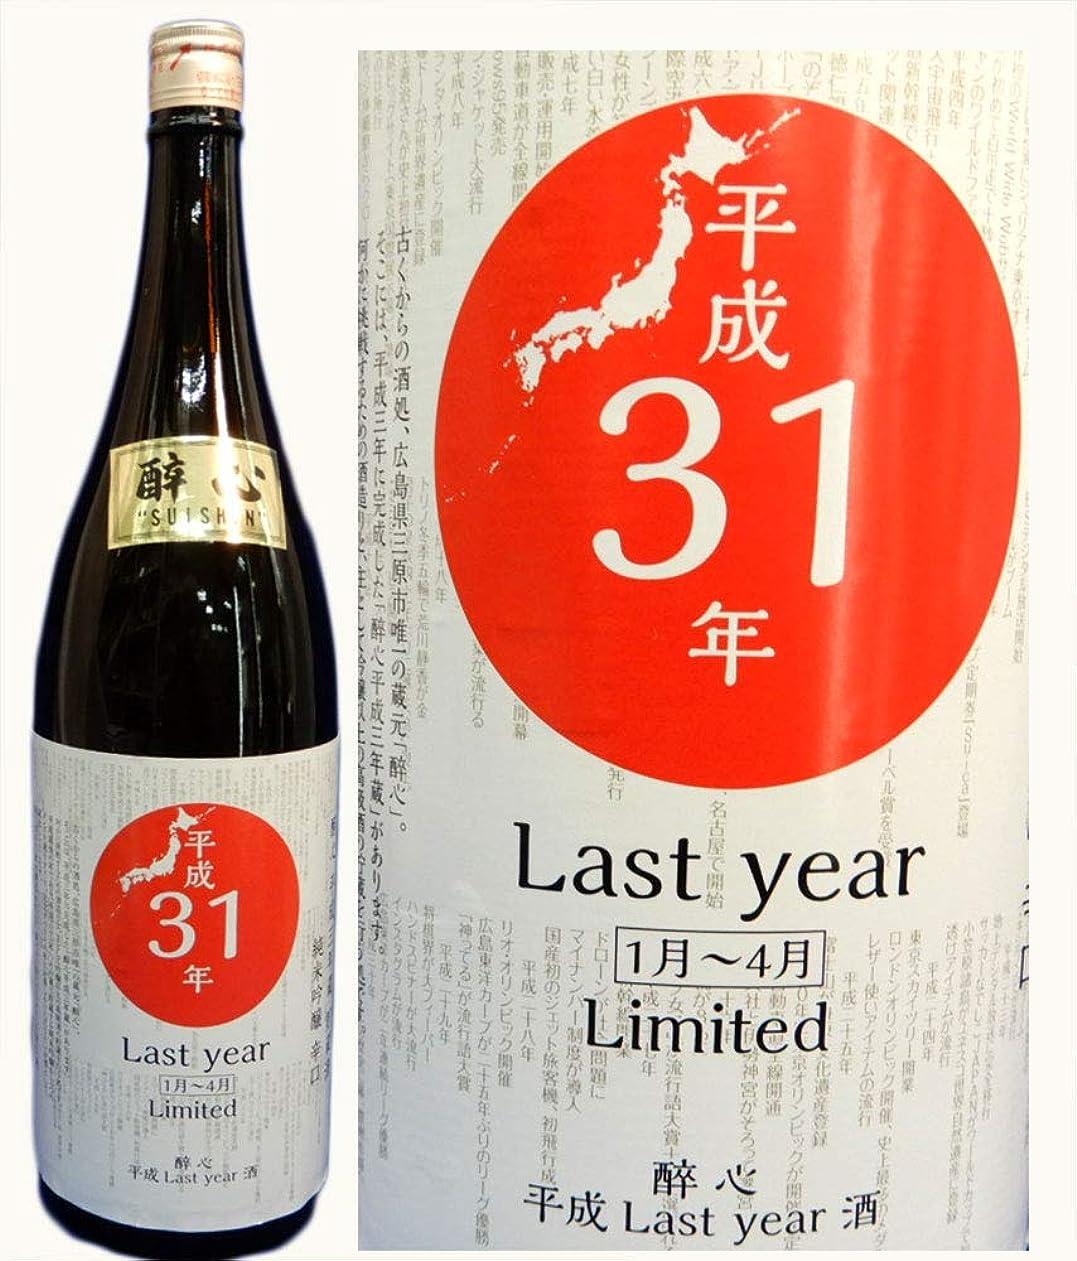 謝罪病気の征服酔心 純米吟醸 平成31年 last year 酒 1800ml15度